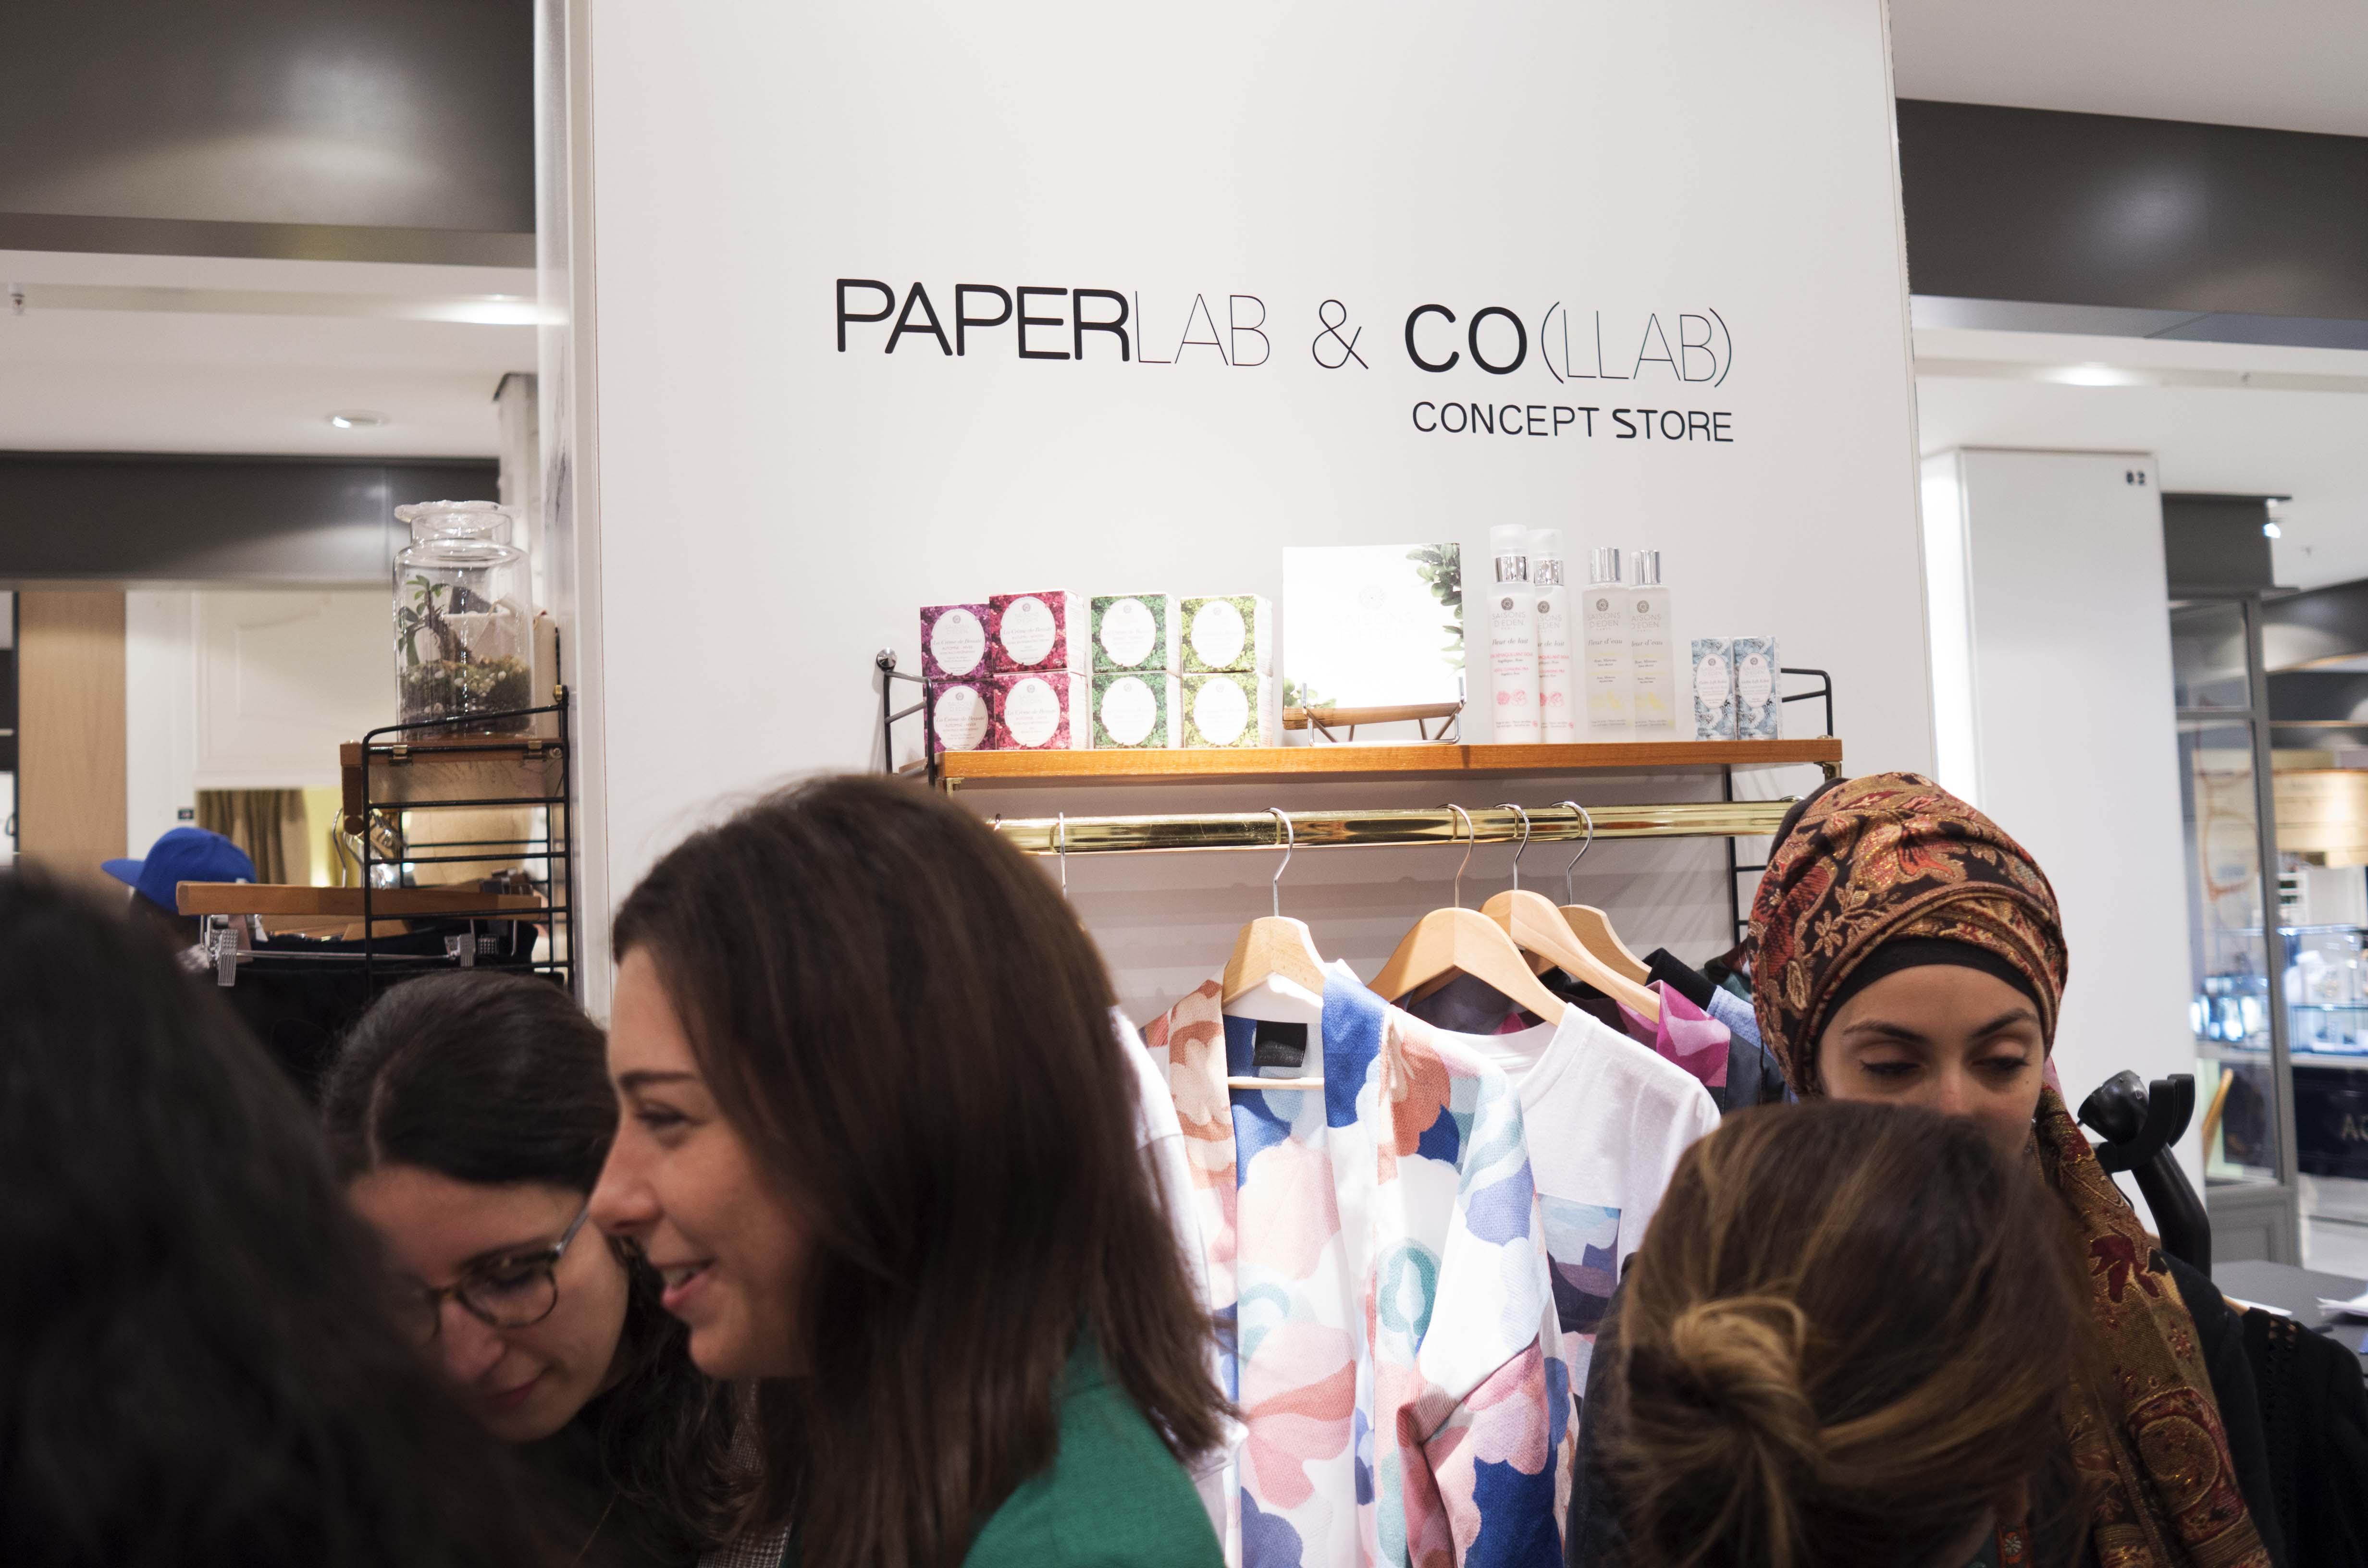 atelier_meraki_paperlab_collab_report_13